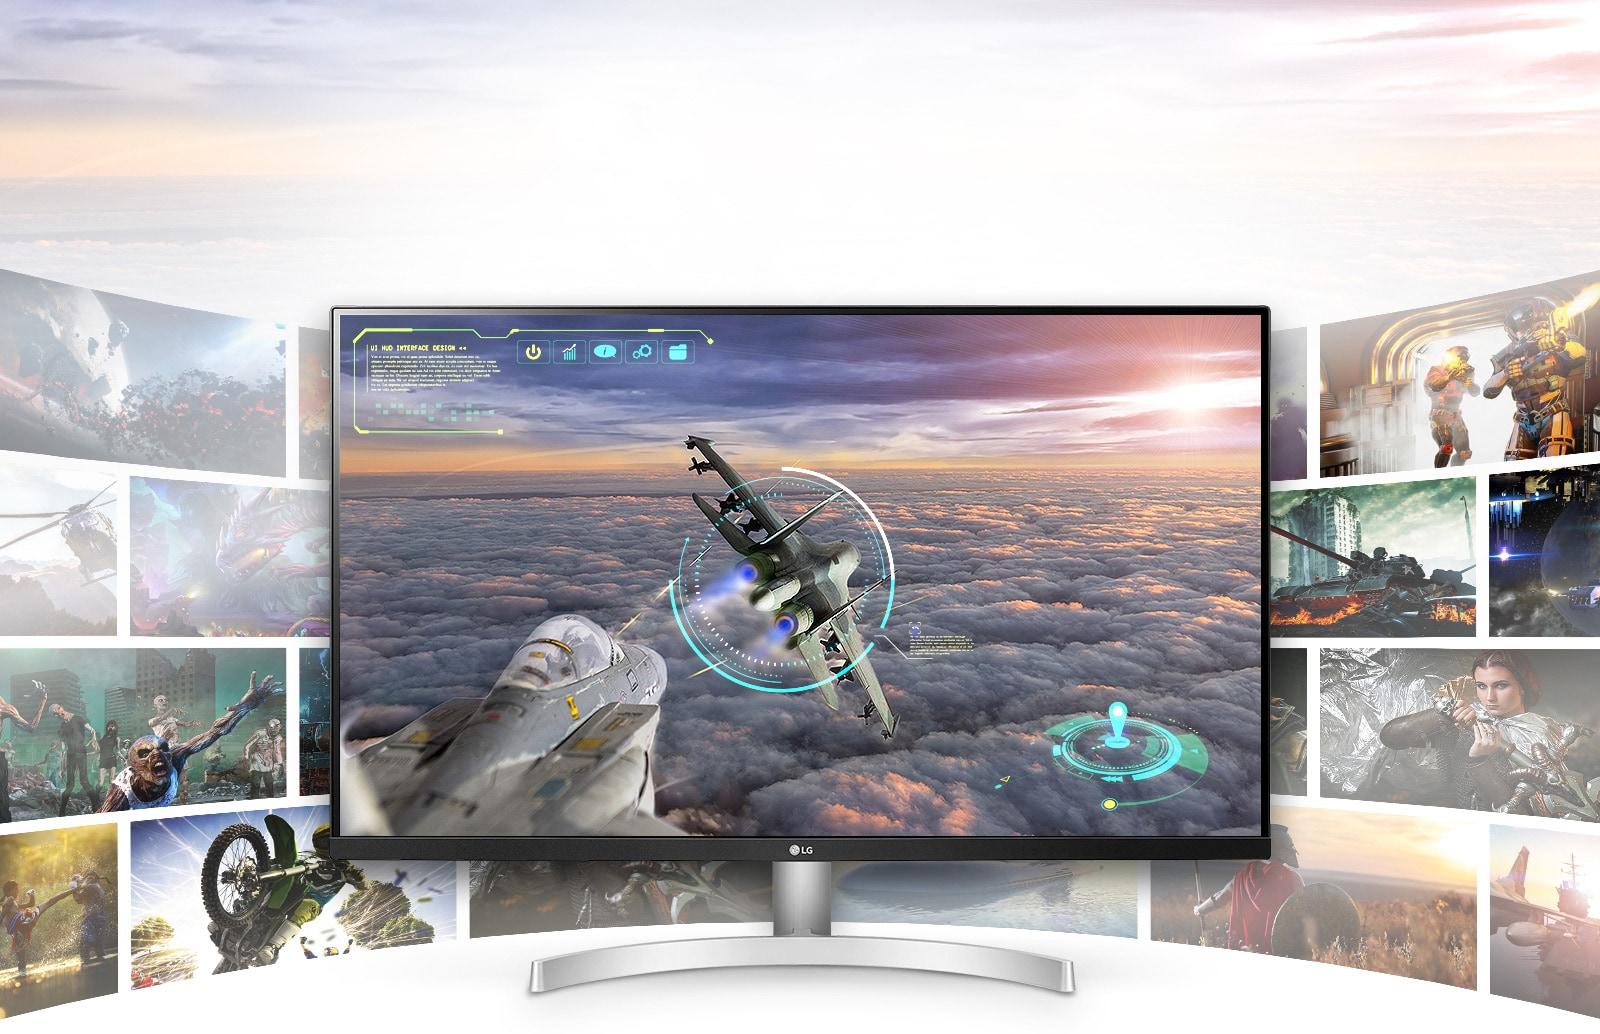 Cảnh game với độ rõ nét và chi tiết vượt trội với màn hình LG UHD 4K